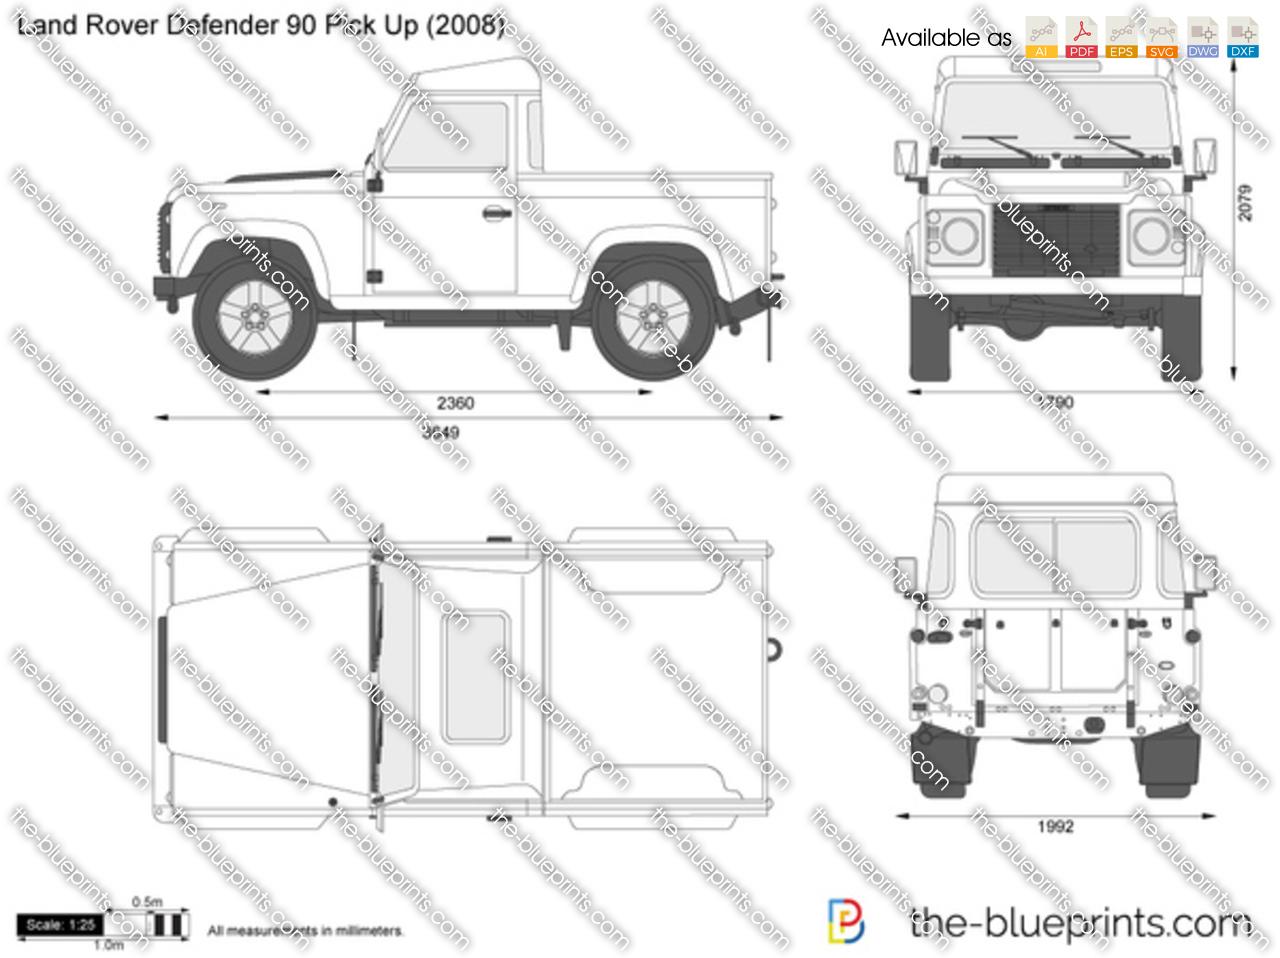 Land Rover Defender 90 Pick Up 2014